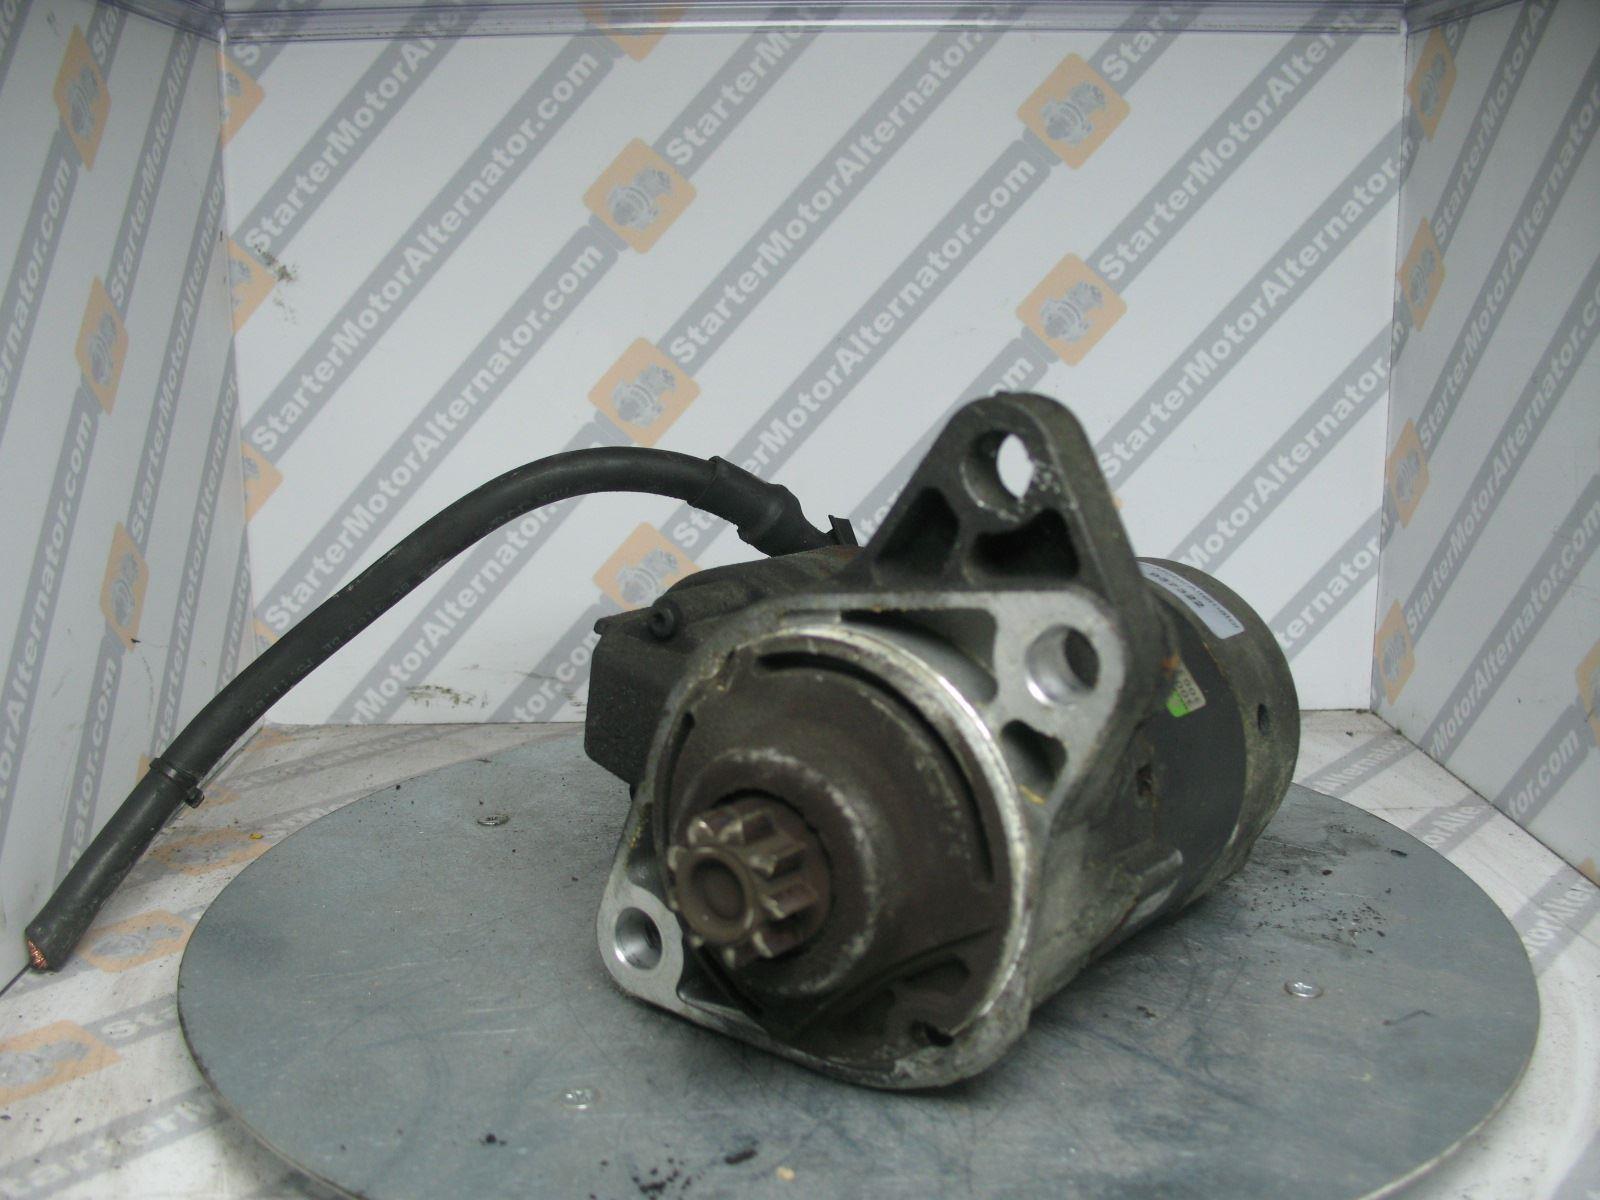 XIS1277 Starter Motor For Audi / Ford / Seat / Skoda / Volkswagen